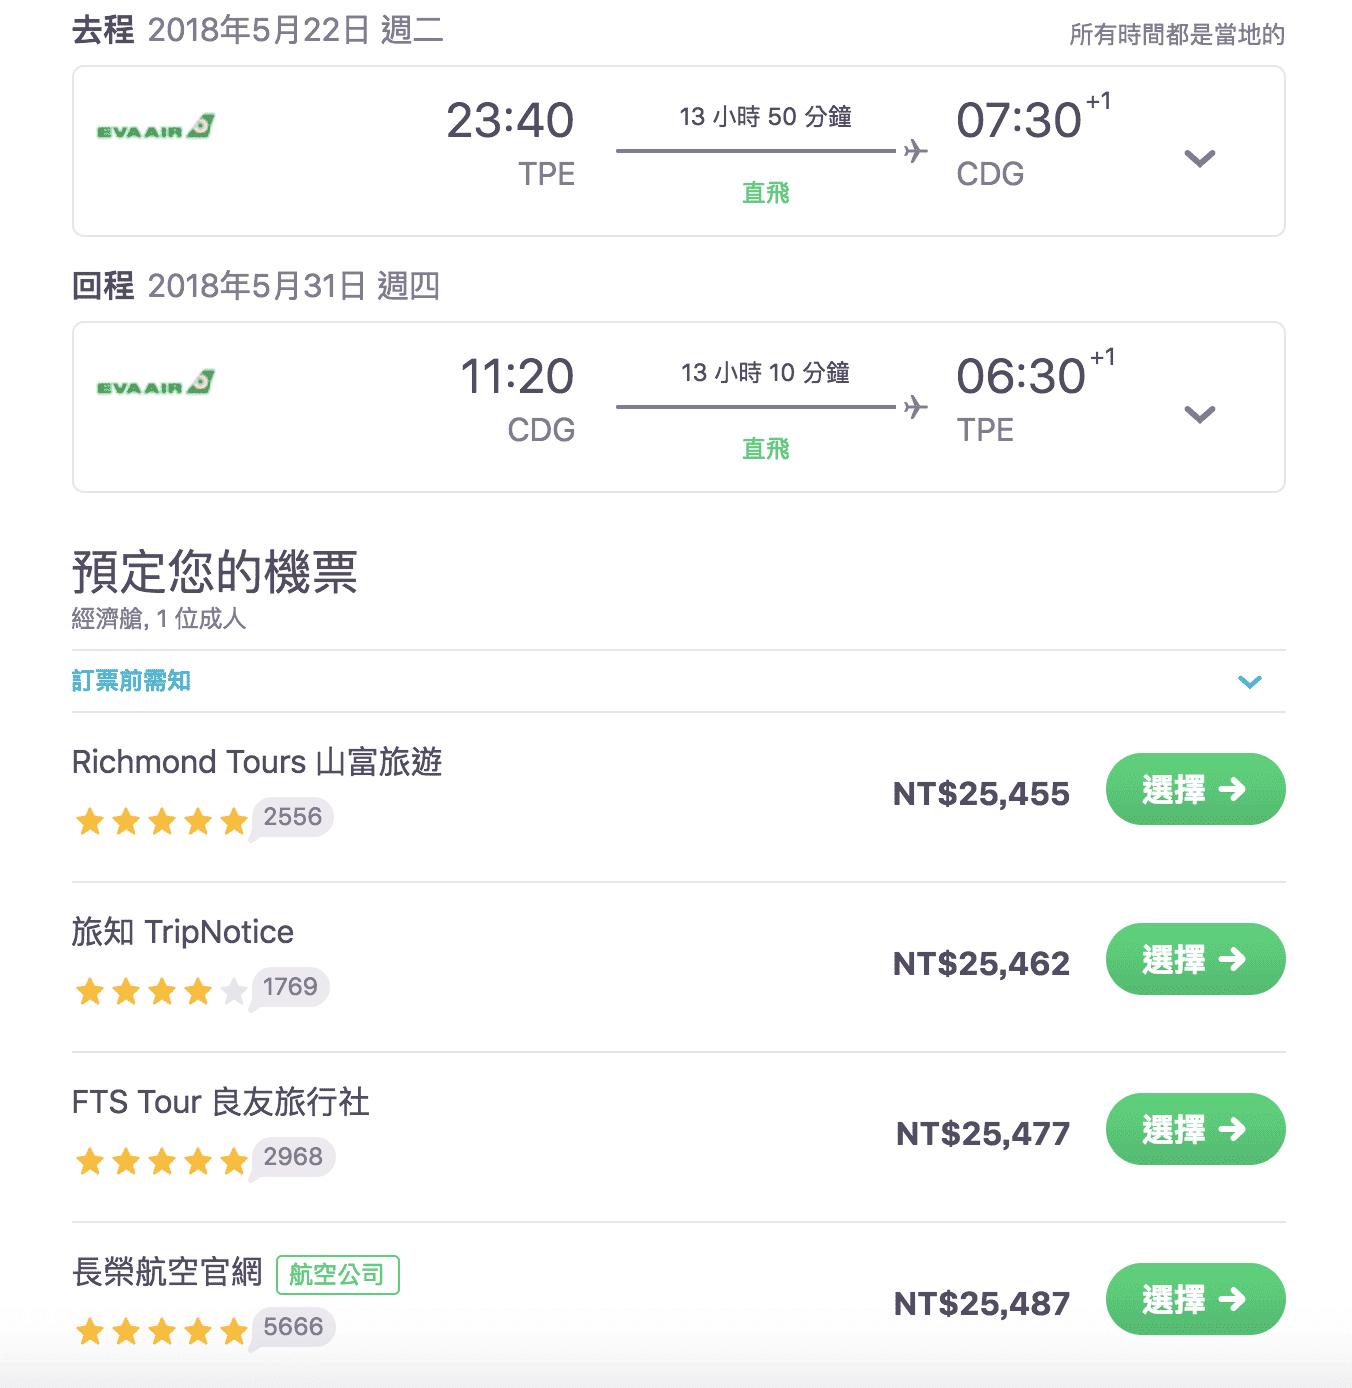 長榮直飛巴黎特價|23K搭Kitty機,醒來直接到巴黎唷!中文班機、長榮服務~(查價日期:107.2.8)